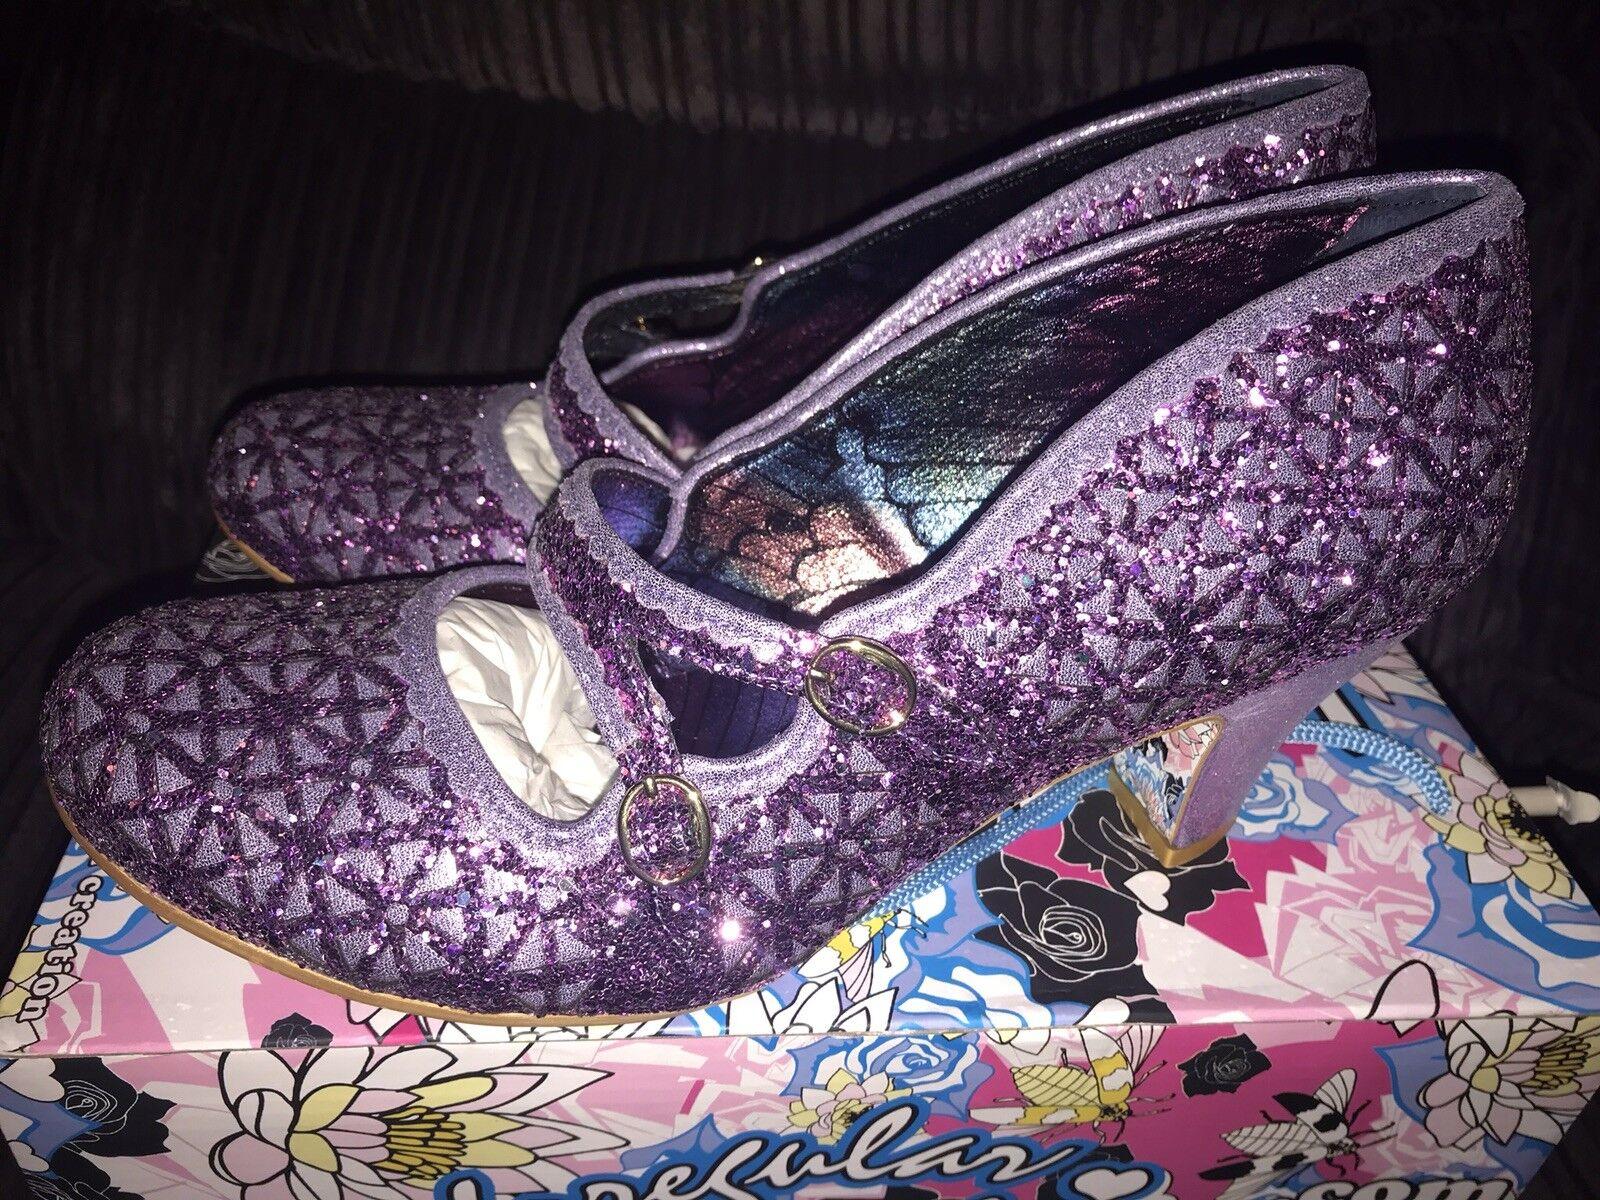 fornire un prodotto di qualità Irregular Choice Donna Dazzle Dazzle Dazzle Dance Mary Janes Glitter Viola 8.5 43  fino al 60% di sconto